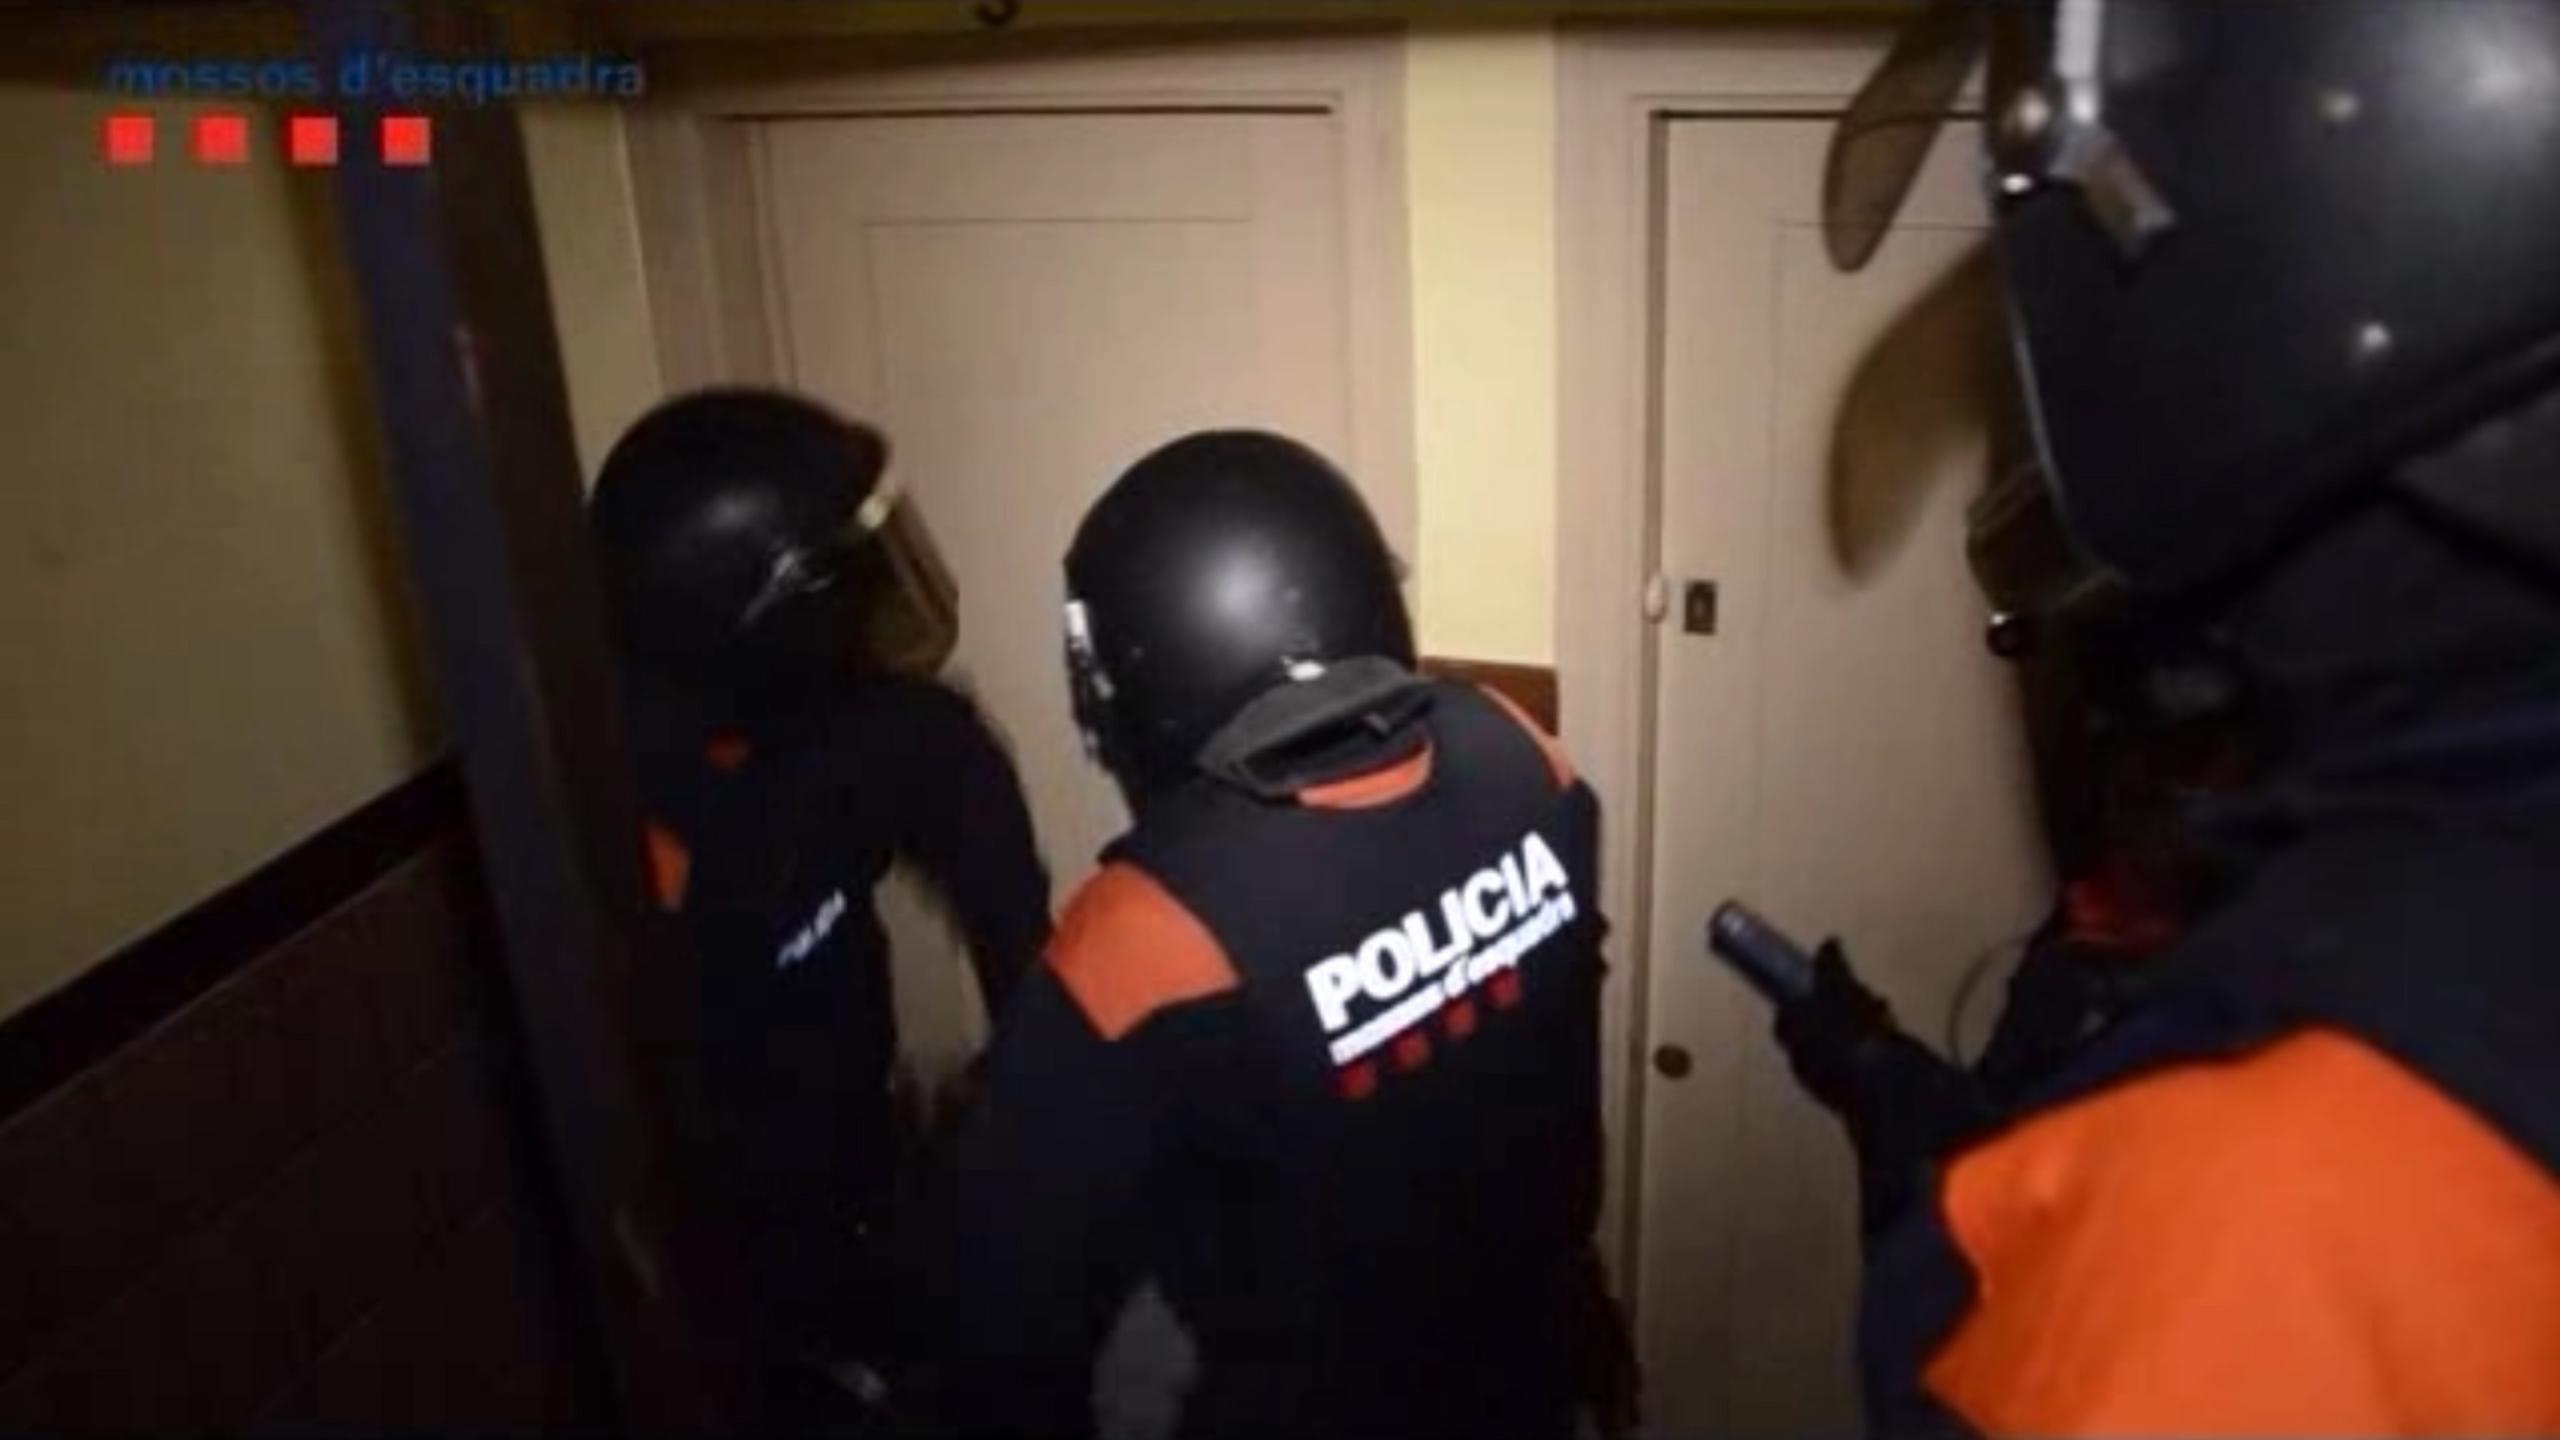 Pla conjunt de diversos mossos durant l'operatiu contra un grup especialitzat en assaltar cases a les comarques gironines. Imatge del juny del 2018.   ACN